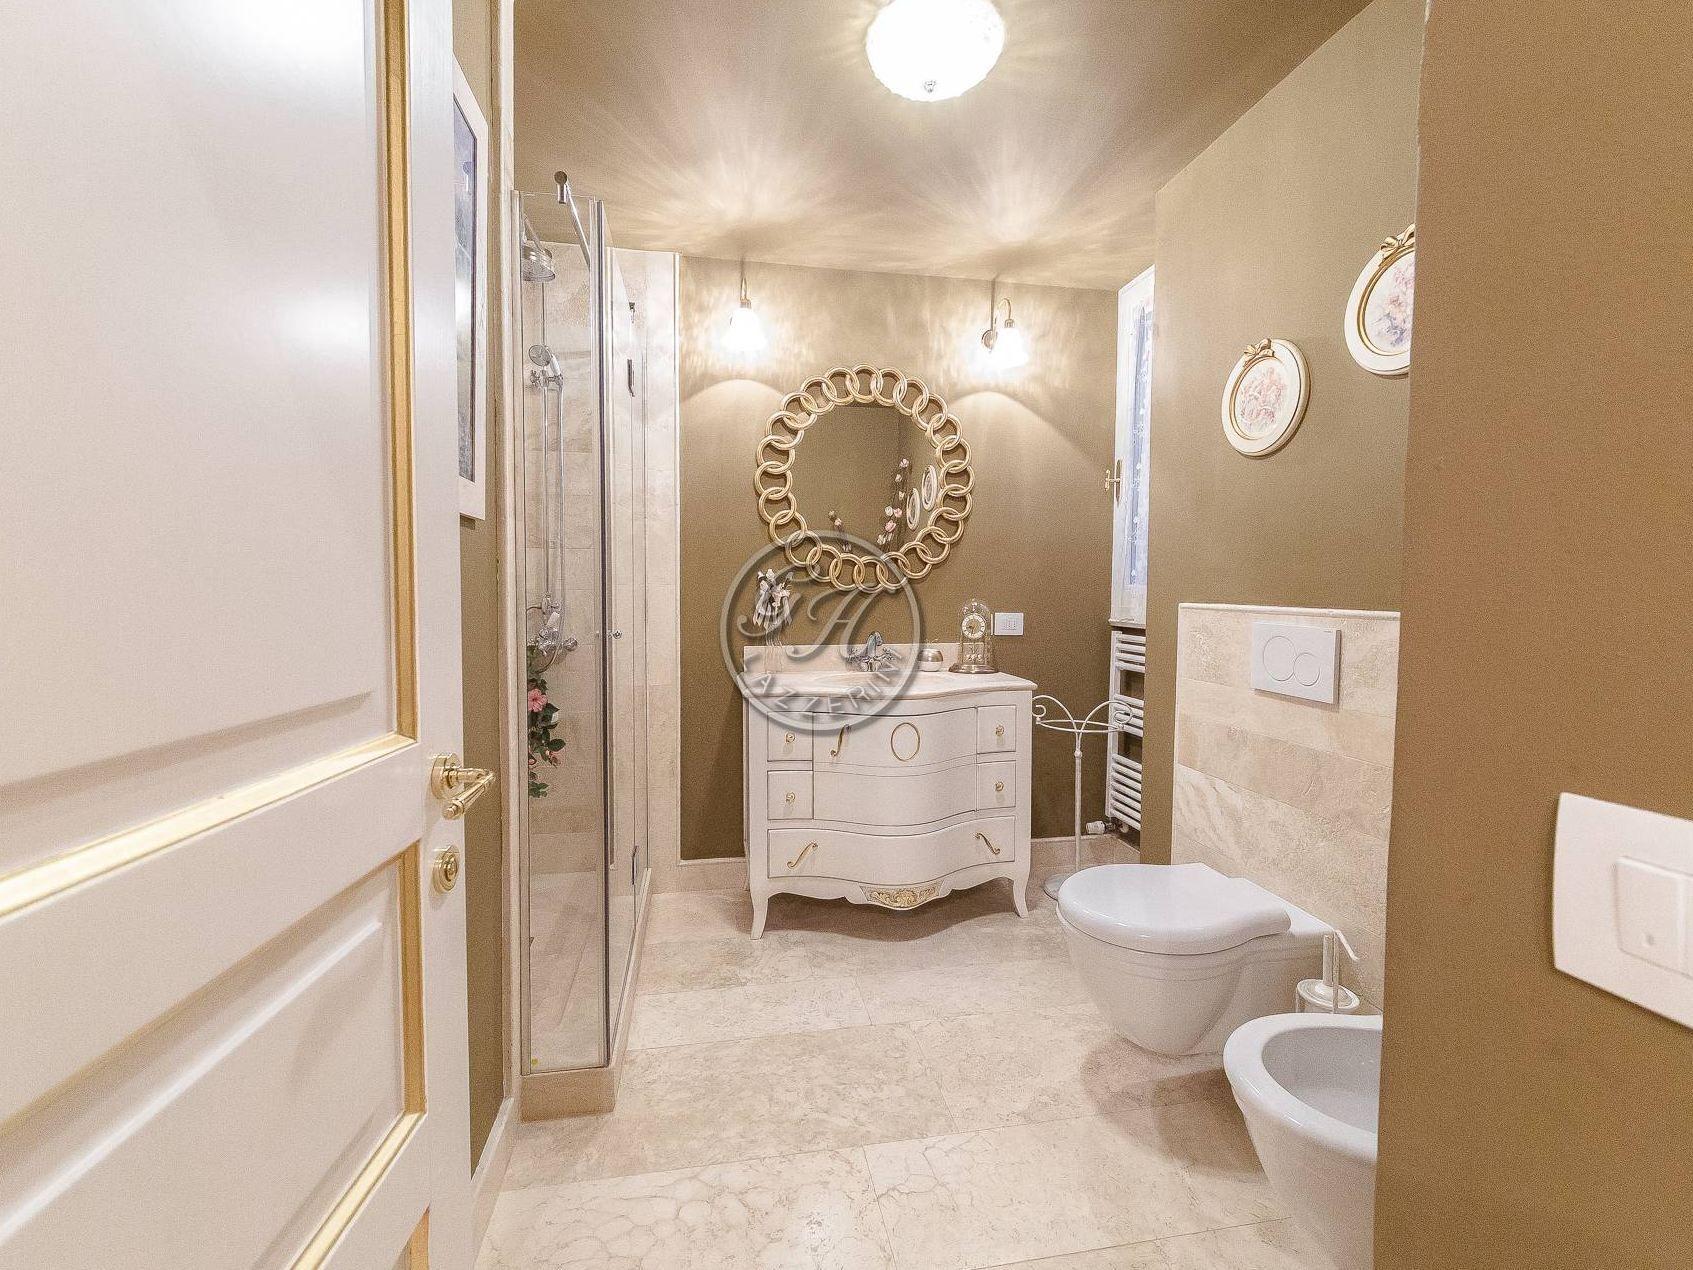 Arredo bagno completo bagno10 by garden house lazzerini - Arredo bagno completo ...